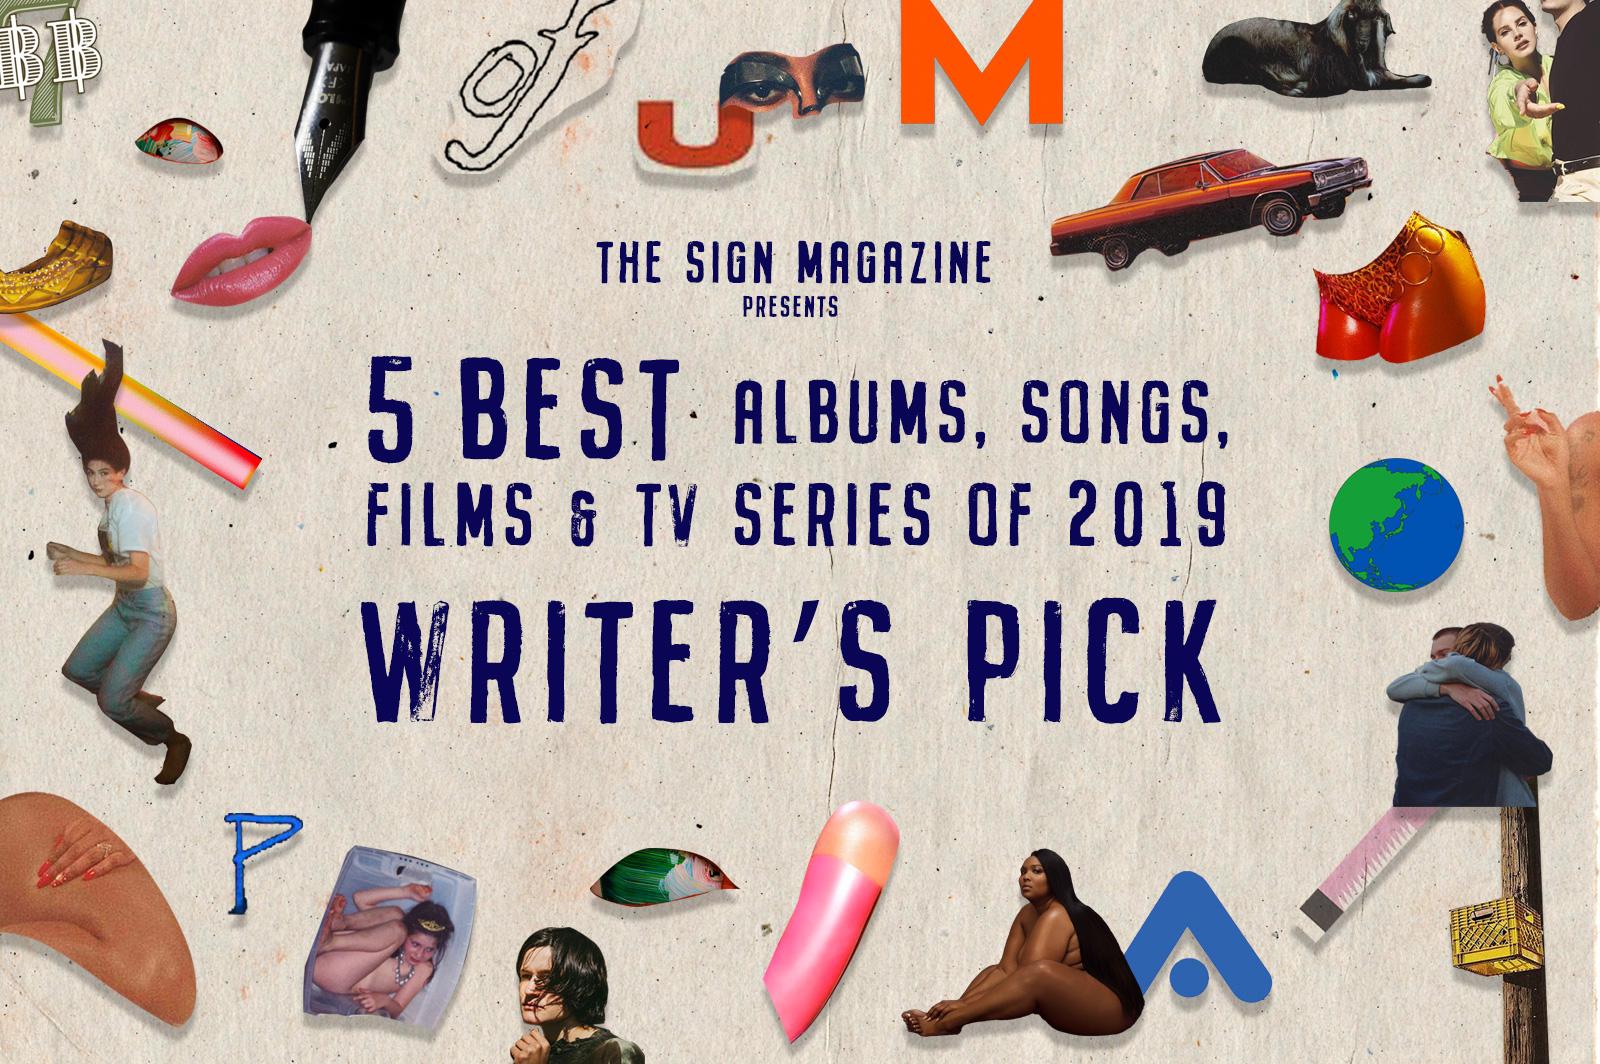 〈サイン・マガジン〉のライター陣が選ぶ、<br /> 2019年の年間ベスト・アルバム、<br /> ソング、ムーヴィ/TVシリーズ5選